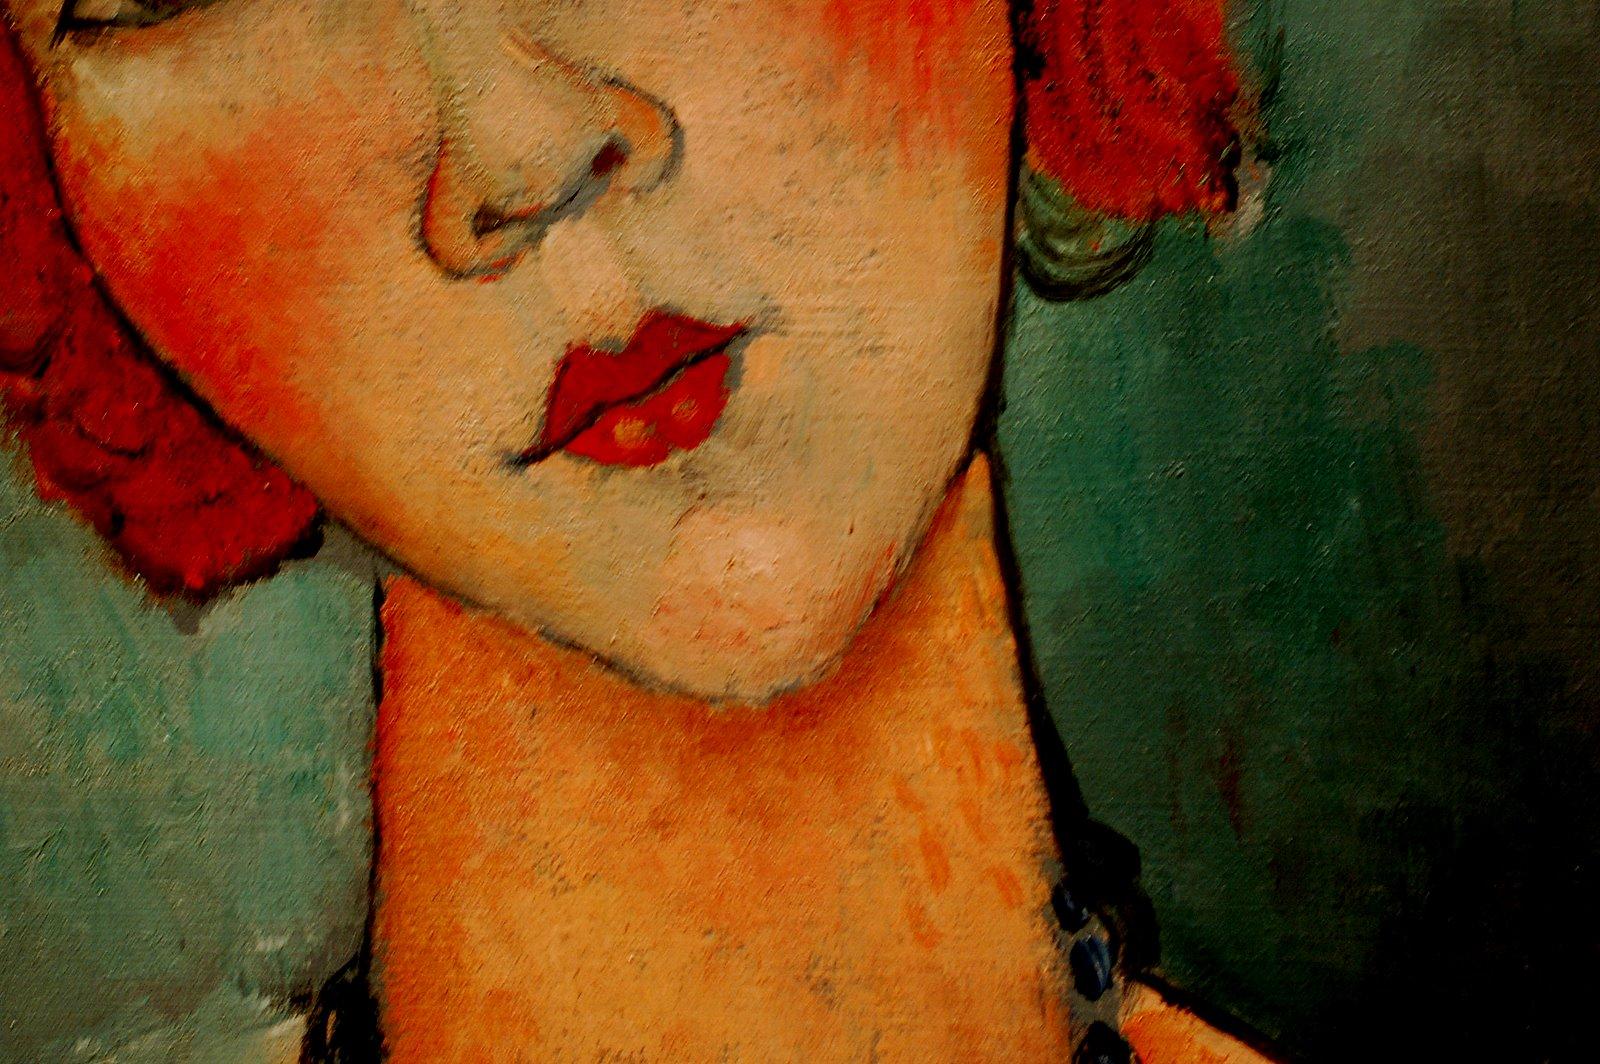 Eu Não Me Economizo - Woman with a Necklace (Pintura de Amedeo Modigliani, 1917)